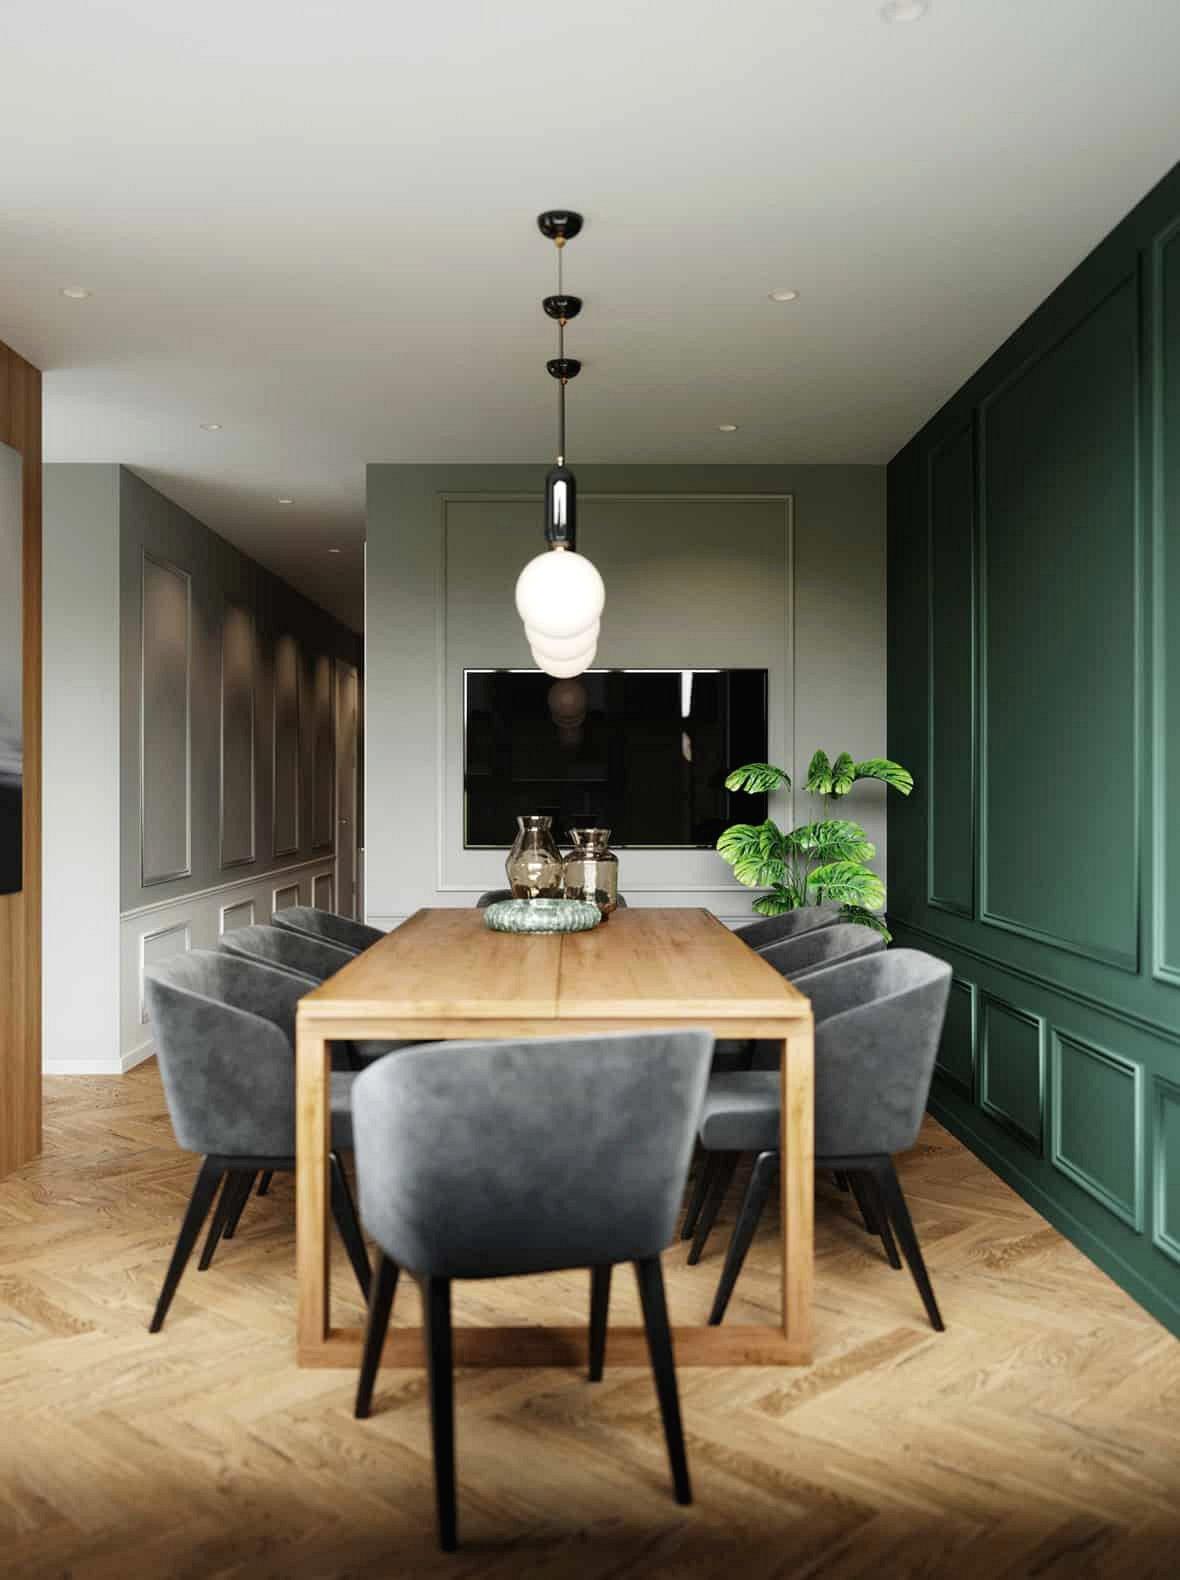 Một chiếc tivi thường làm cho một phòng ăn trang trọng trở nên giản dị hơn.